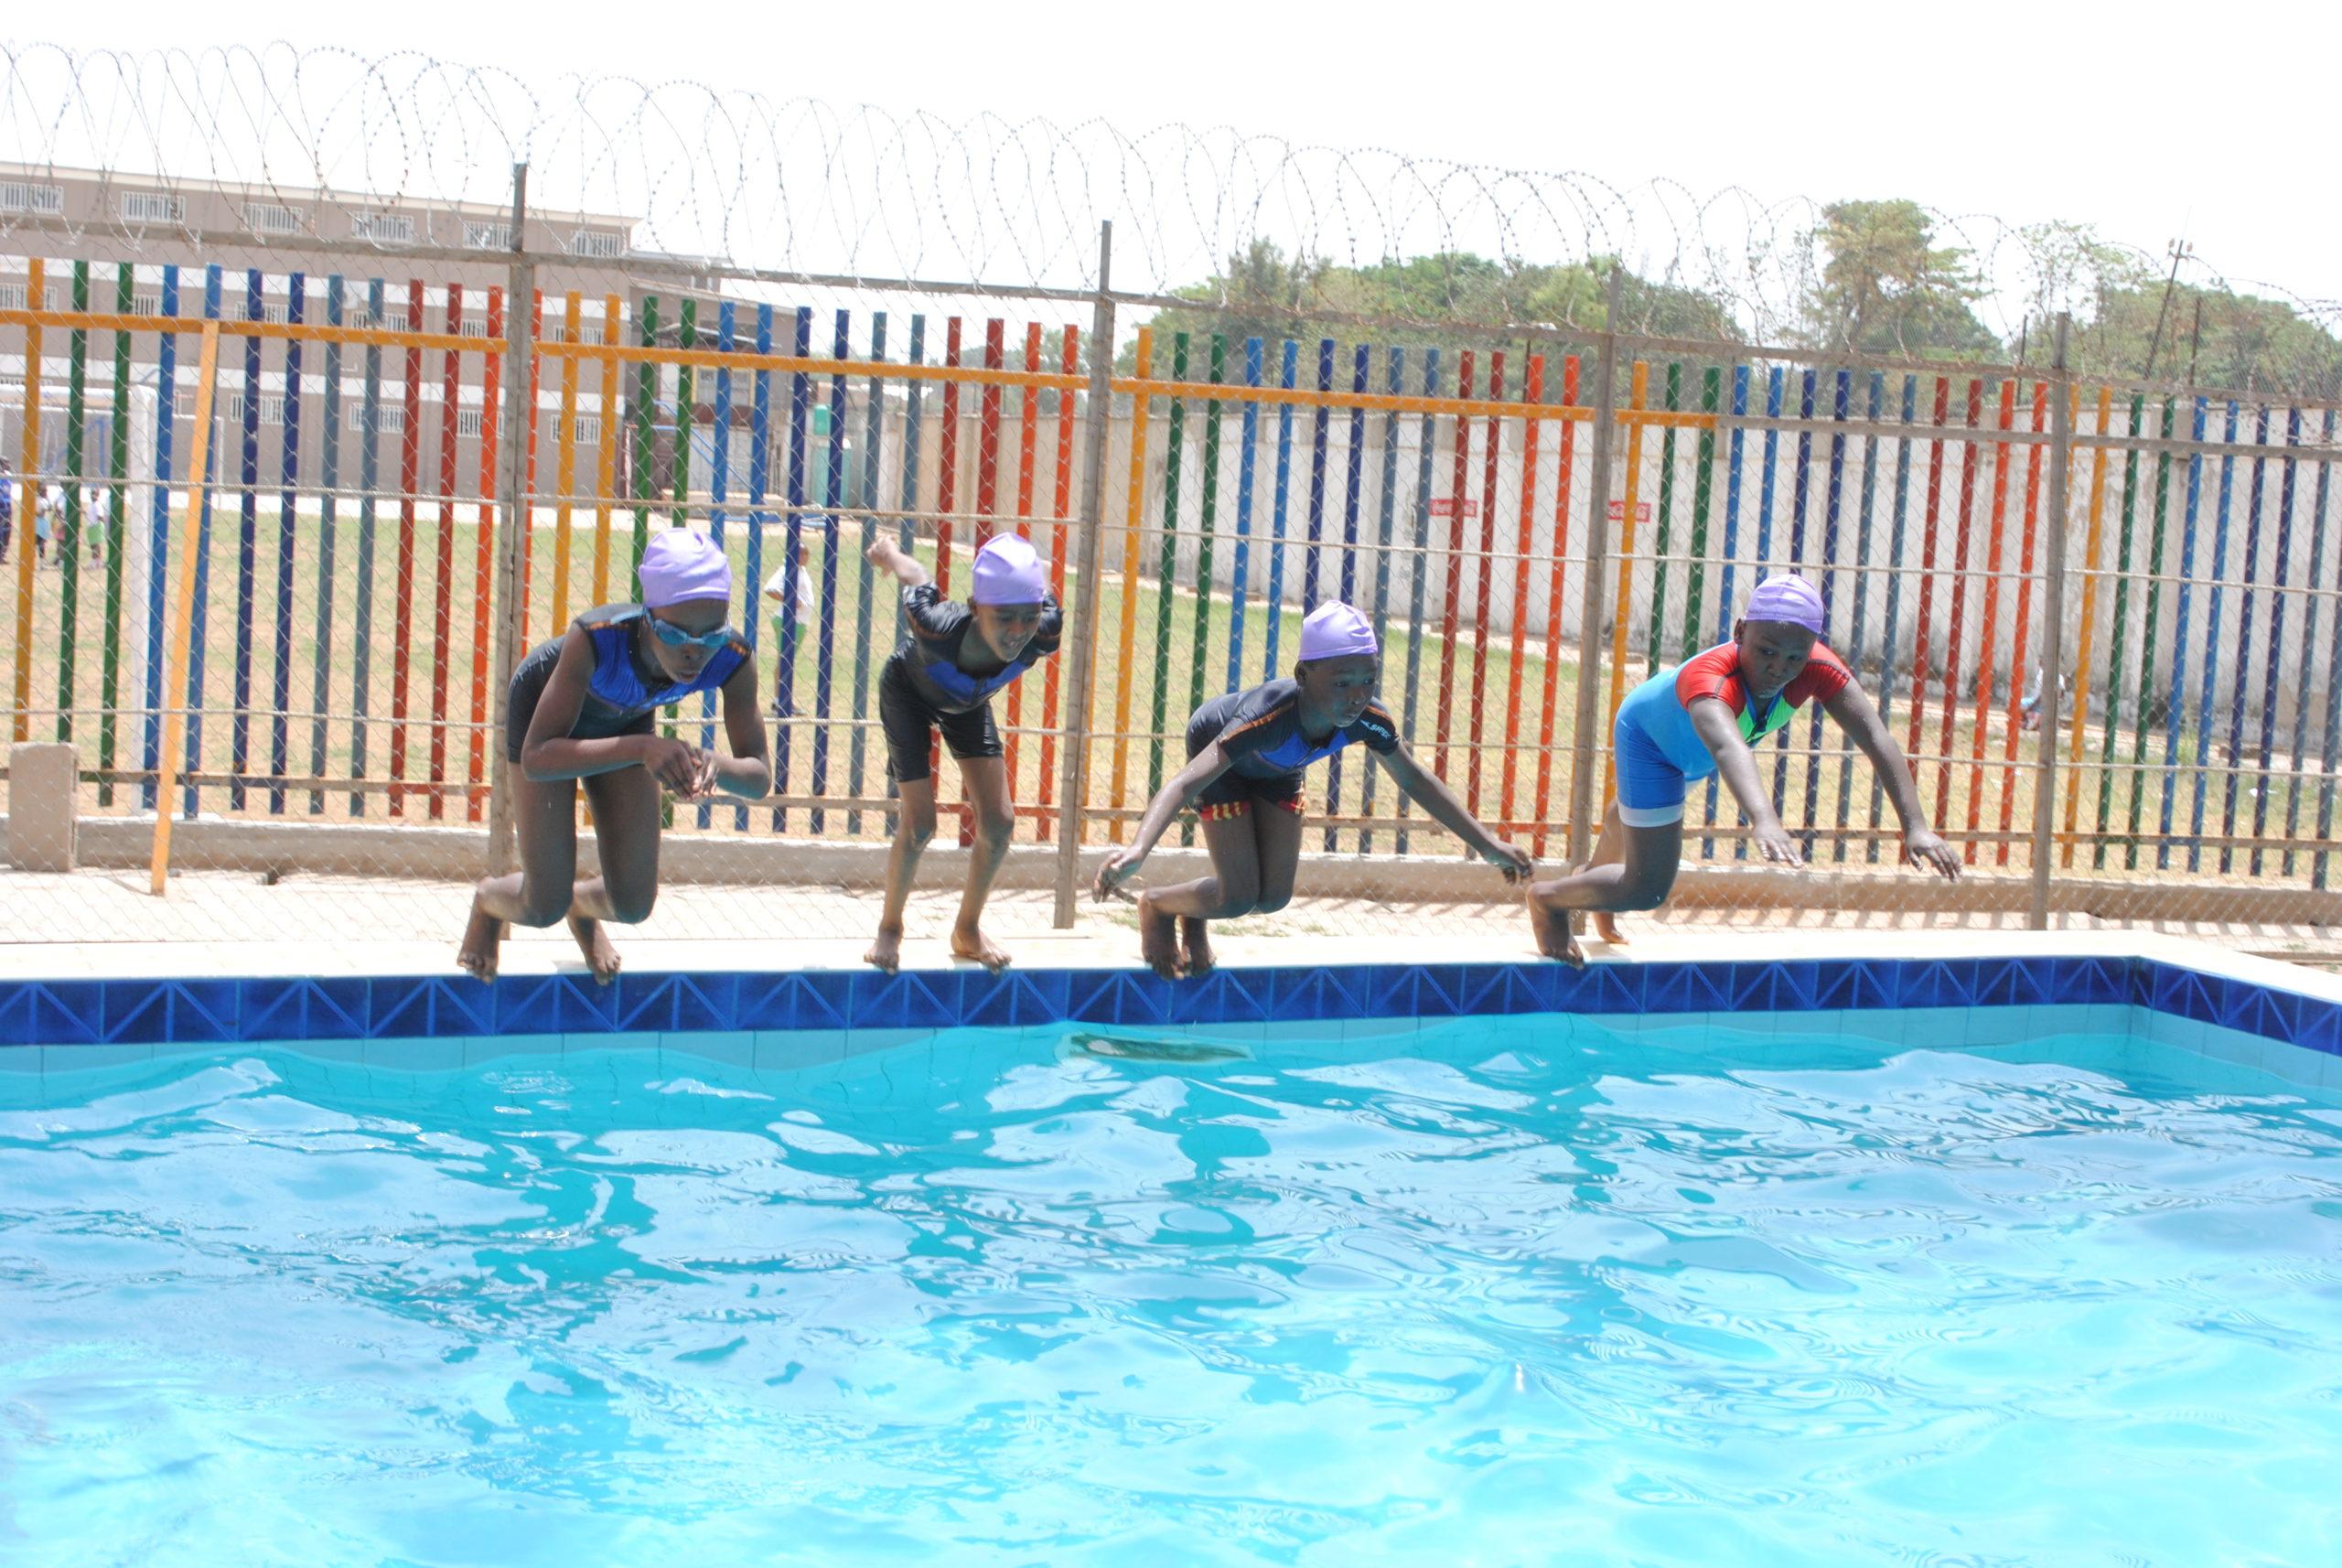 Danbo Schools swimming activity